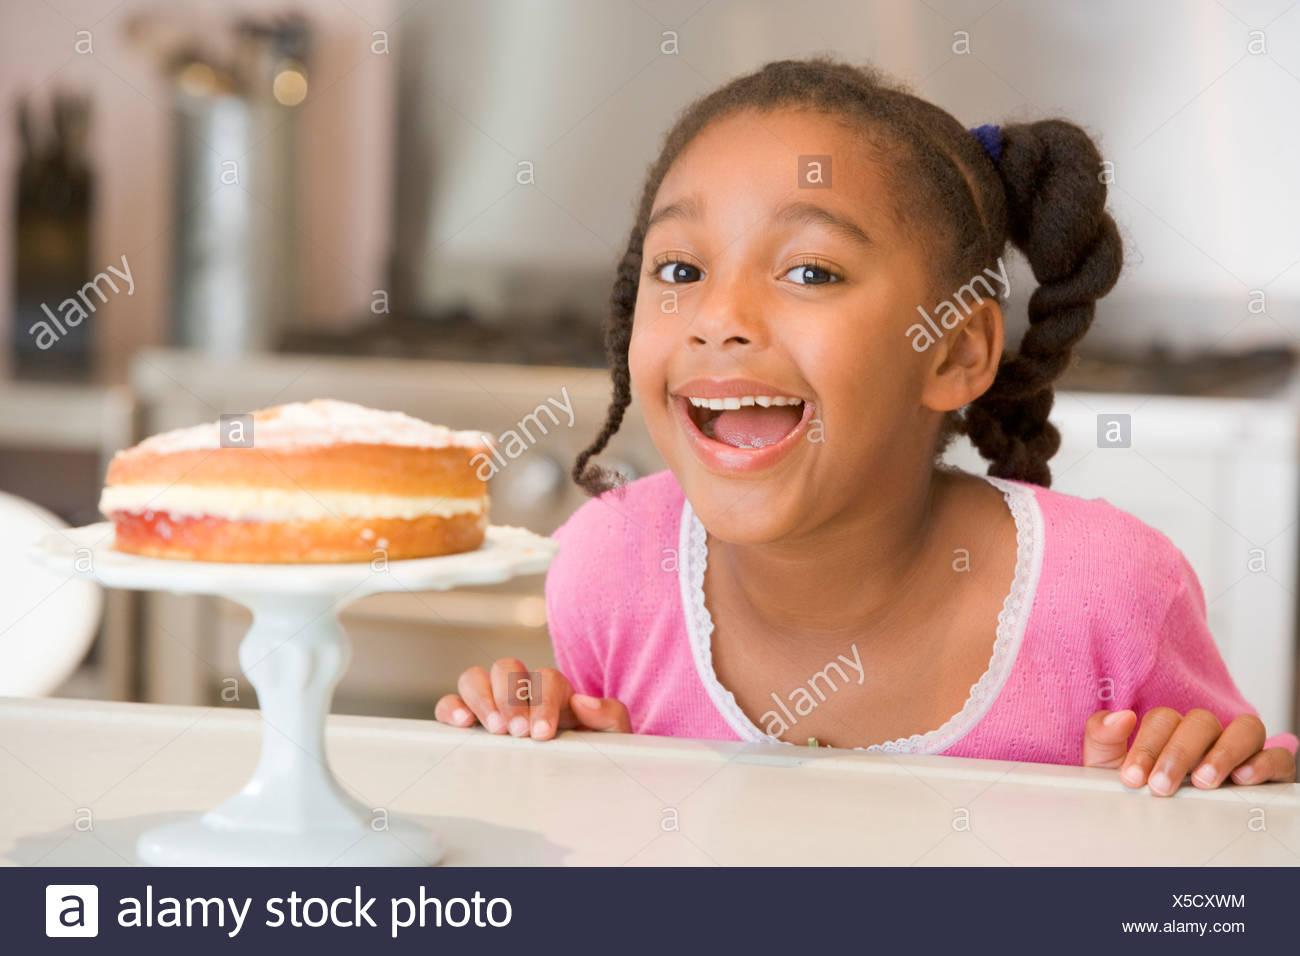 Giovane ragazza in cucina guardando la torta sul contatore sorridente Immagini Stock